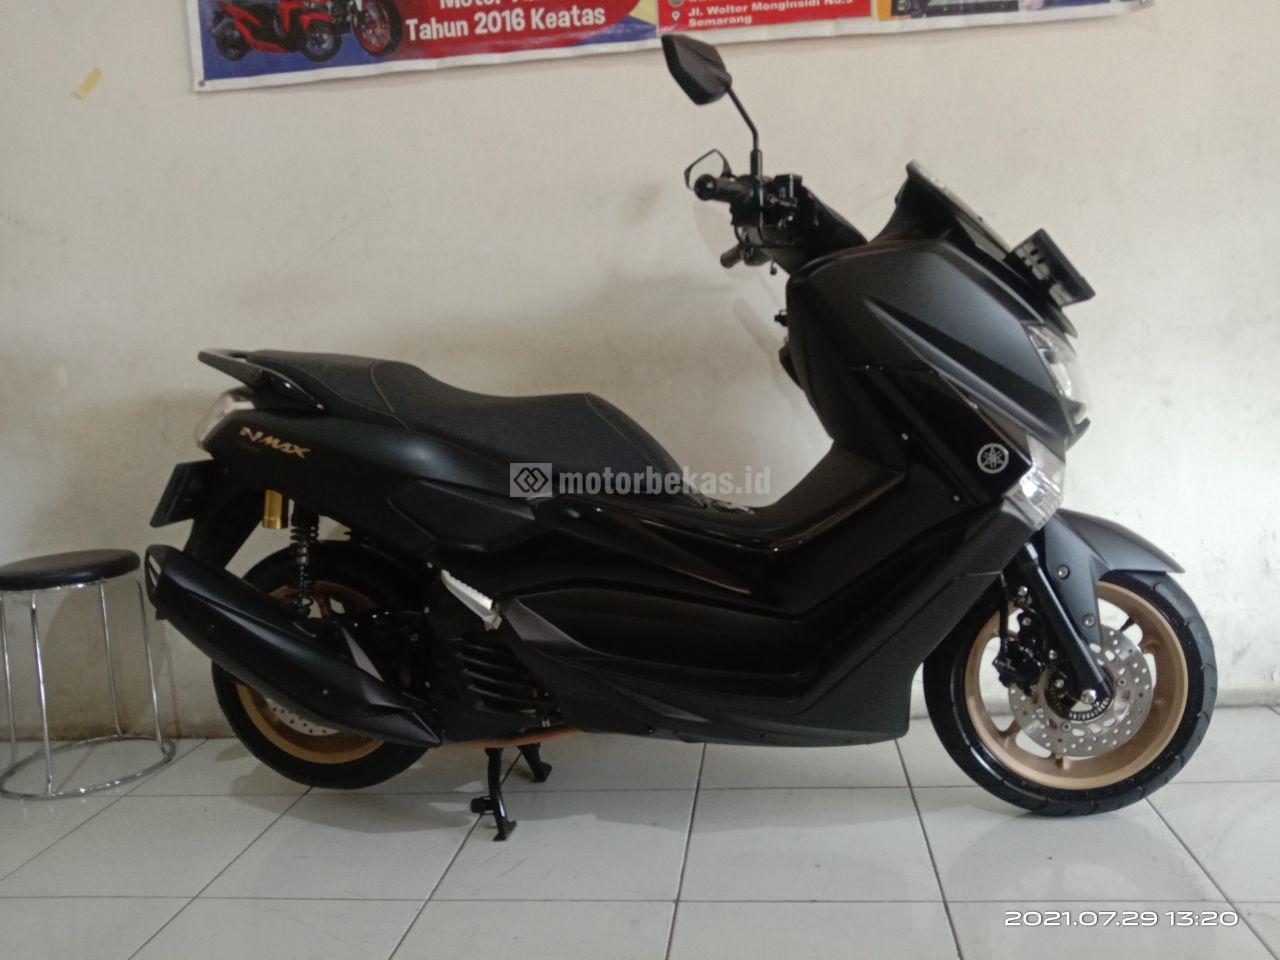 YAMAHA NMAX 155  3641 motorbekas.id